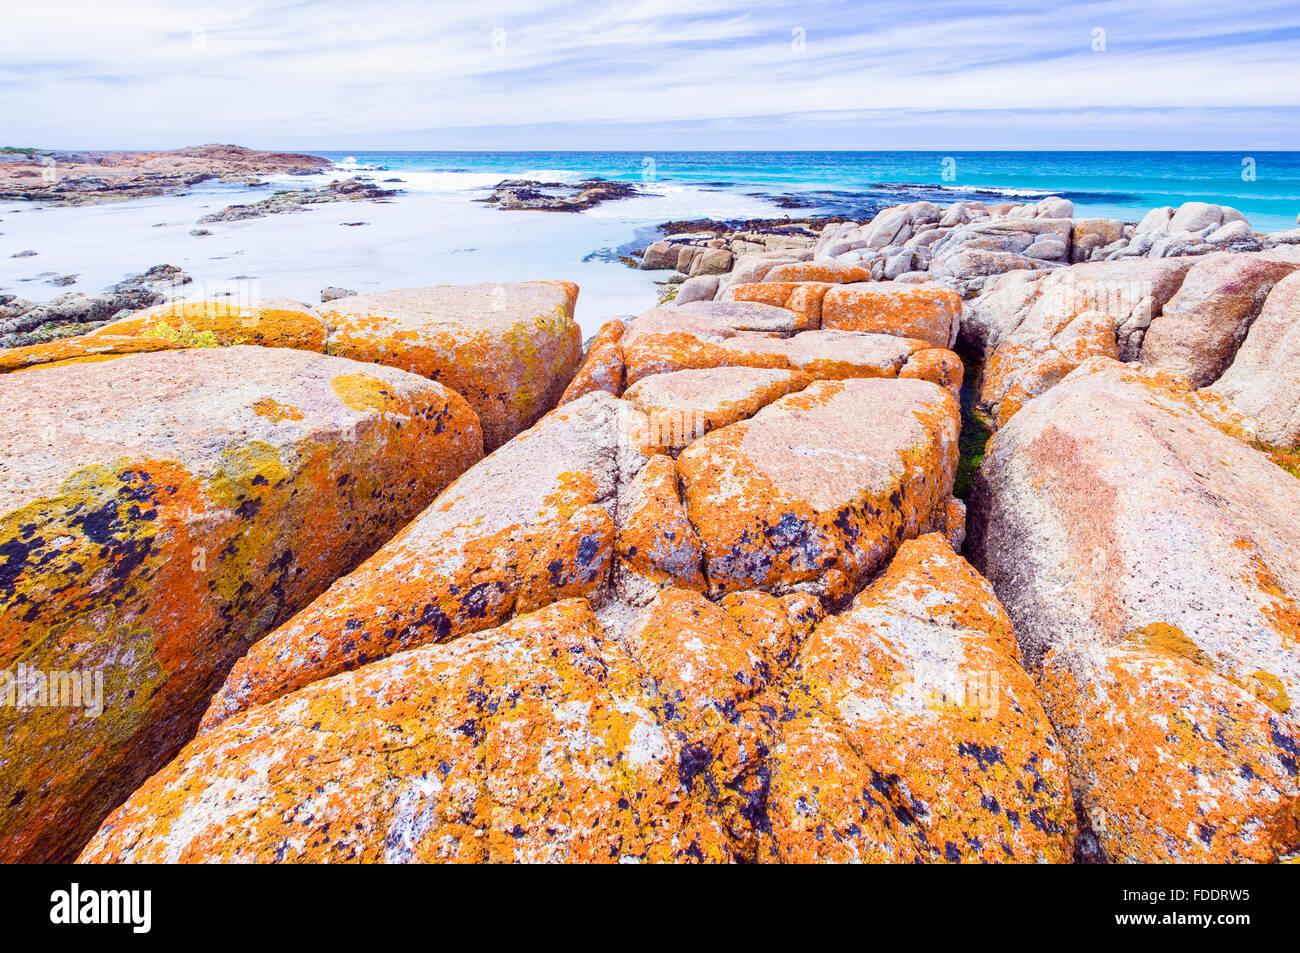 El amable playas de la península Freycinet,Tasmania mostrando rocas cubiertas de líquenes y naranja Imagen De Stock